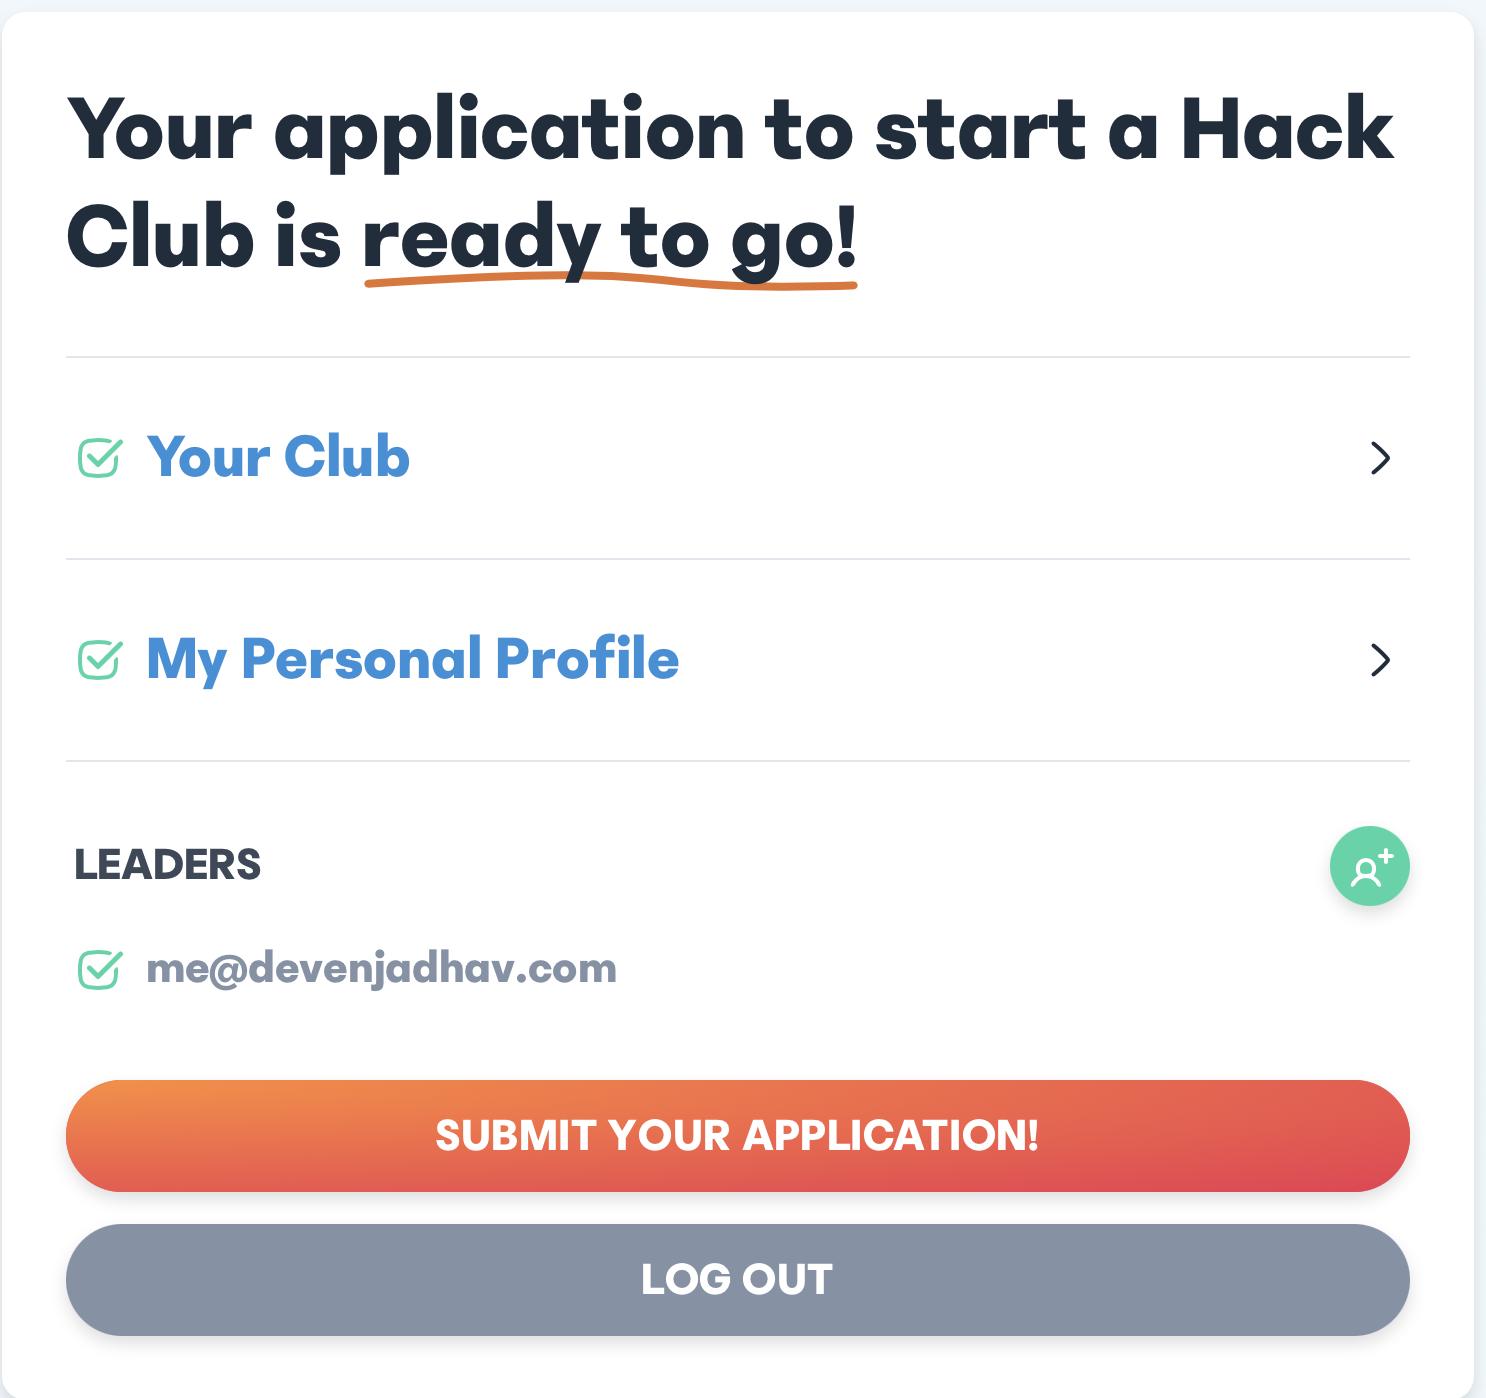 https://cloud-amu4djru7-hack-club-bot.vercel.app/0image.png